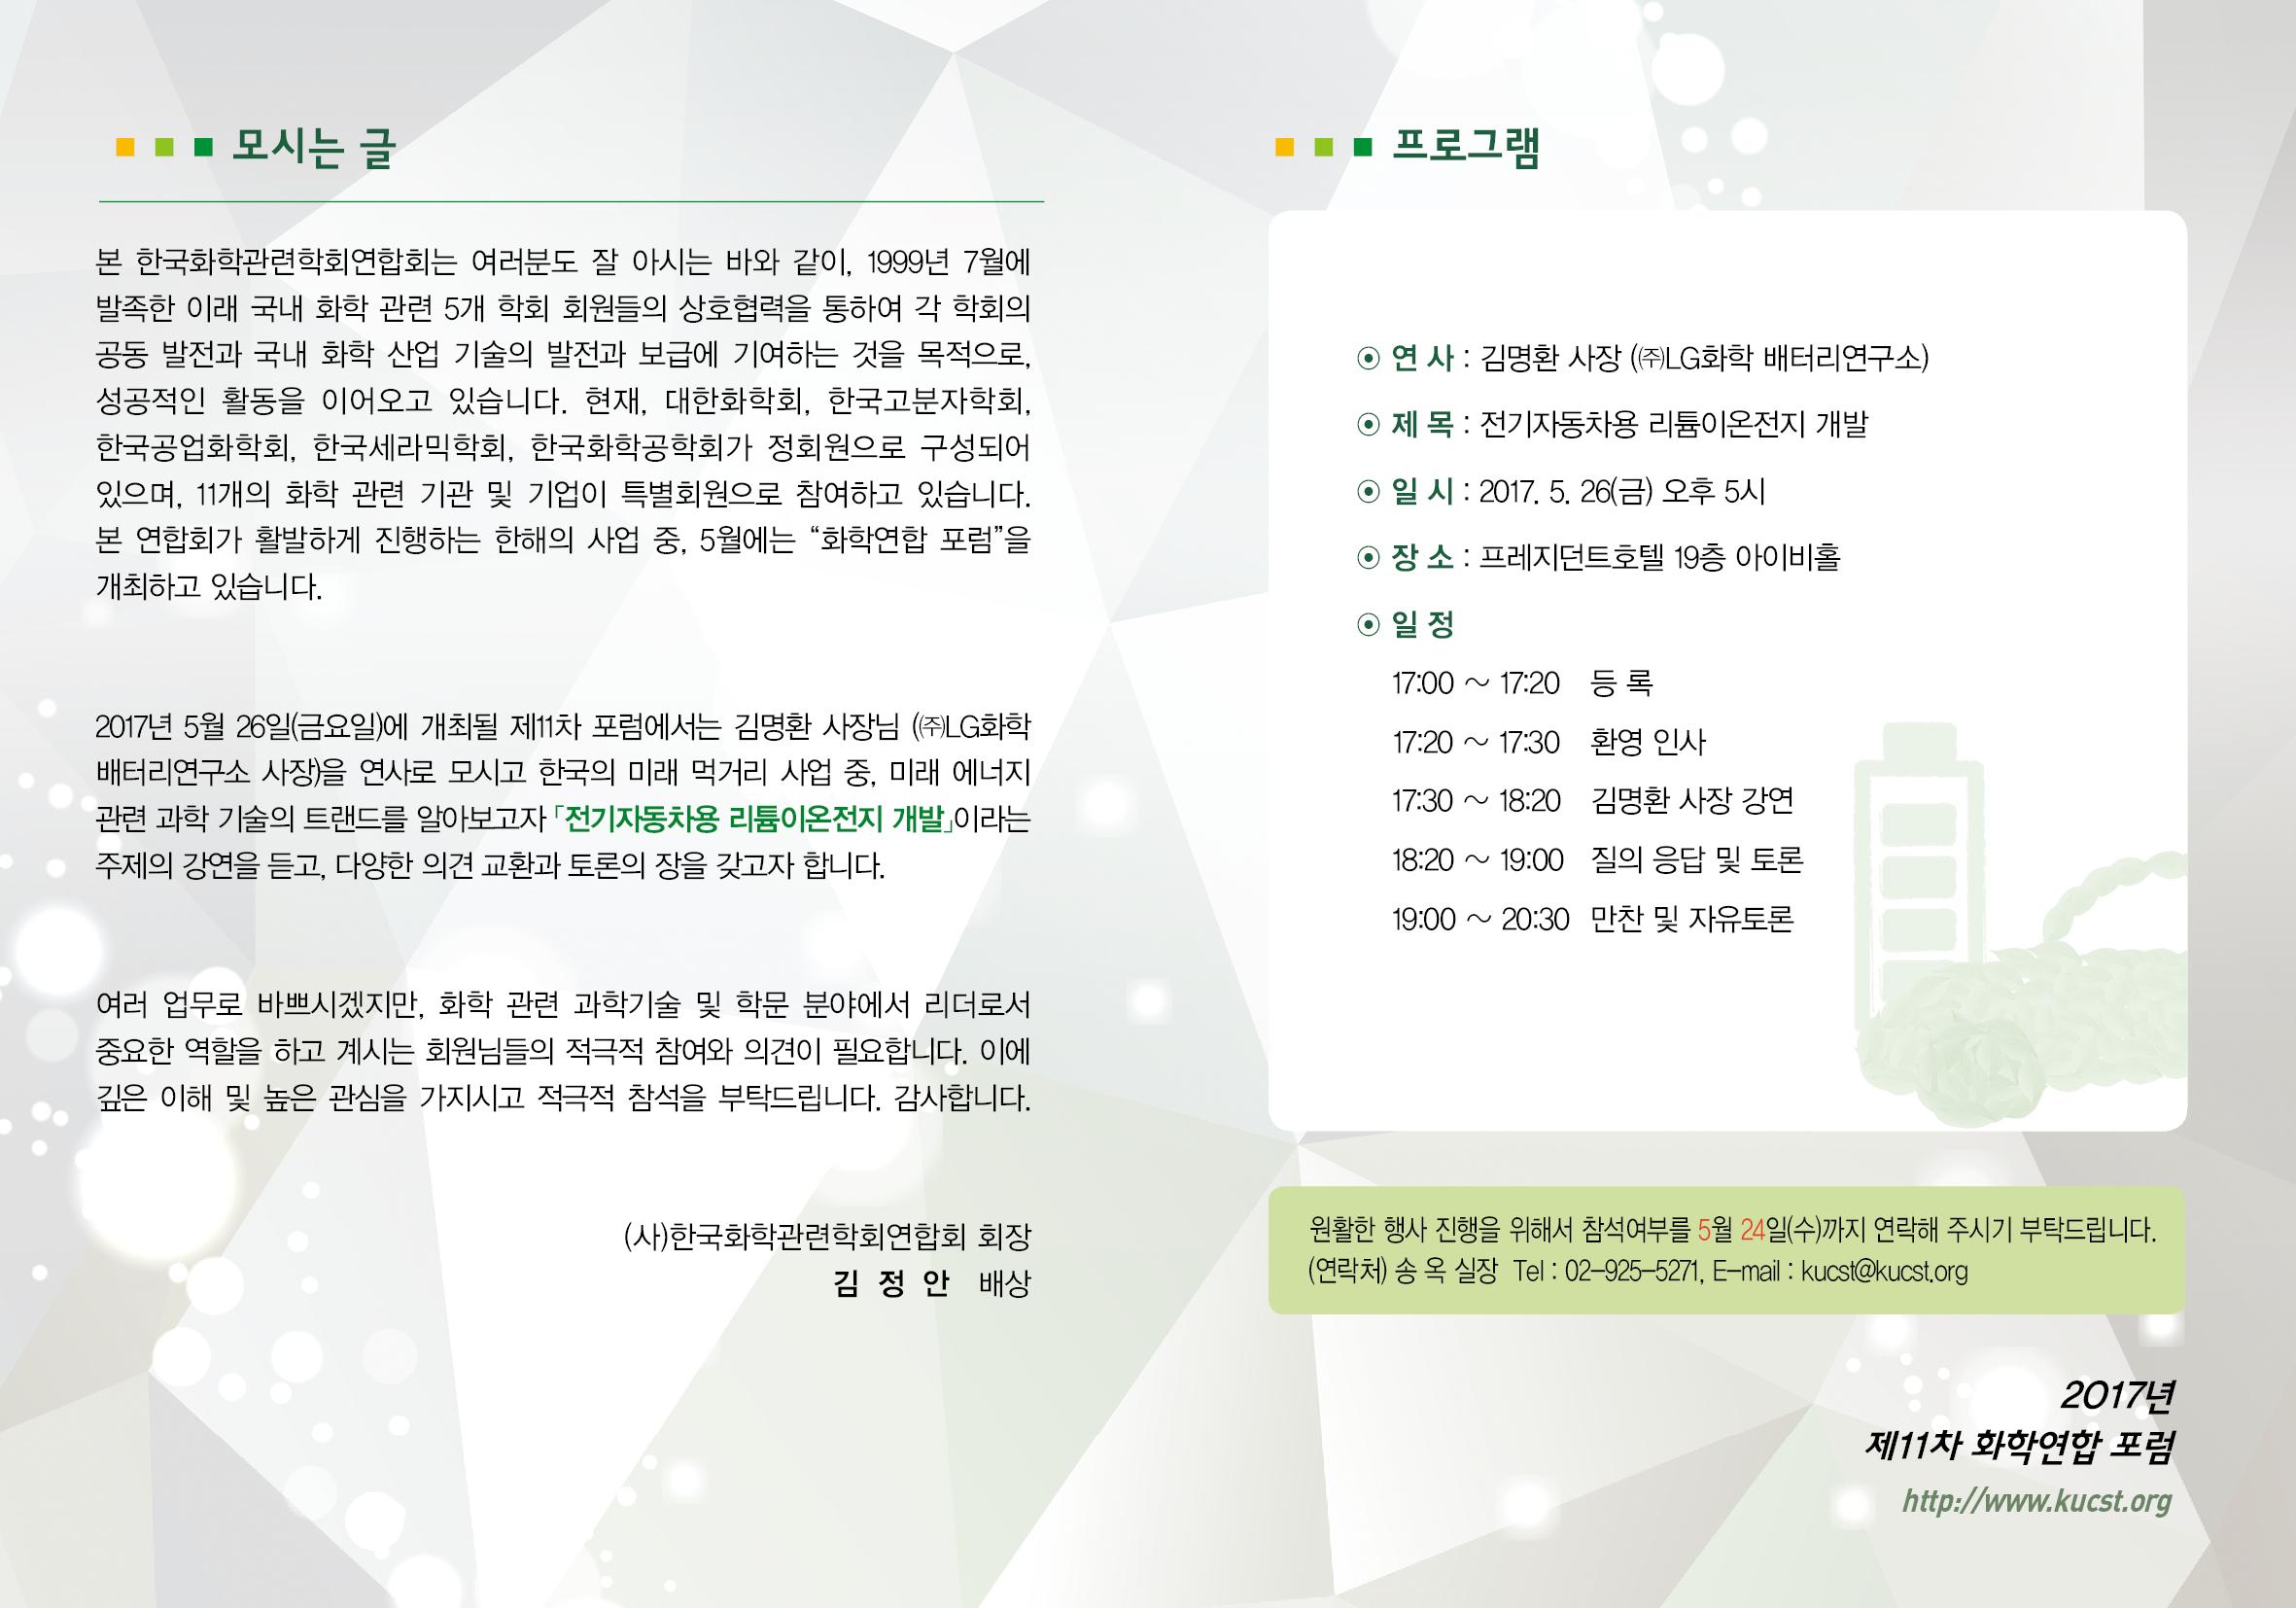 2017화학연합 초청장-최종본-뒤.jpg